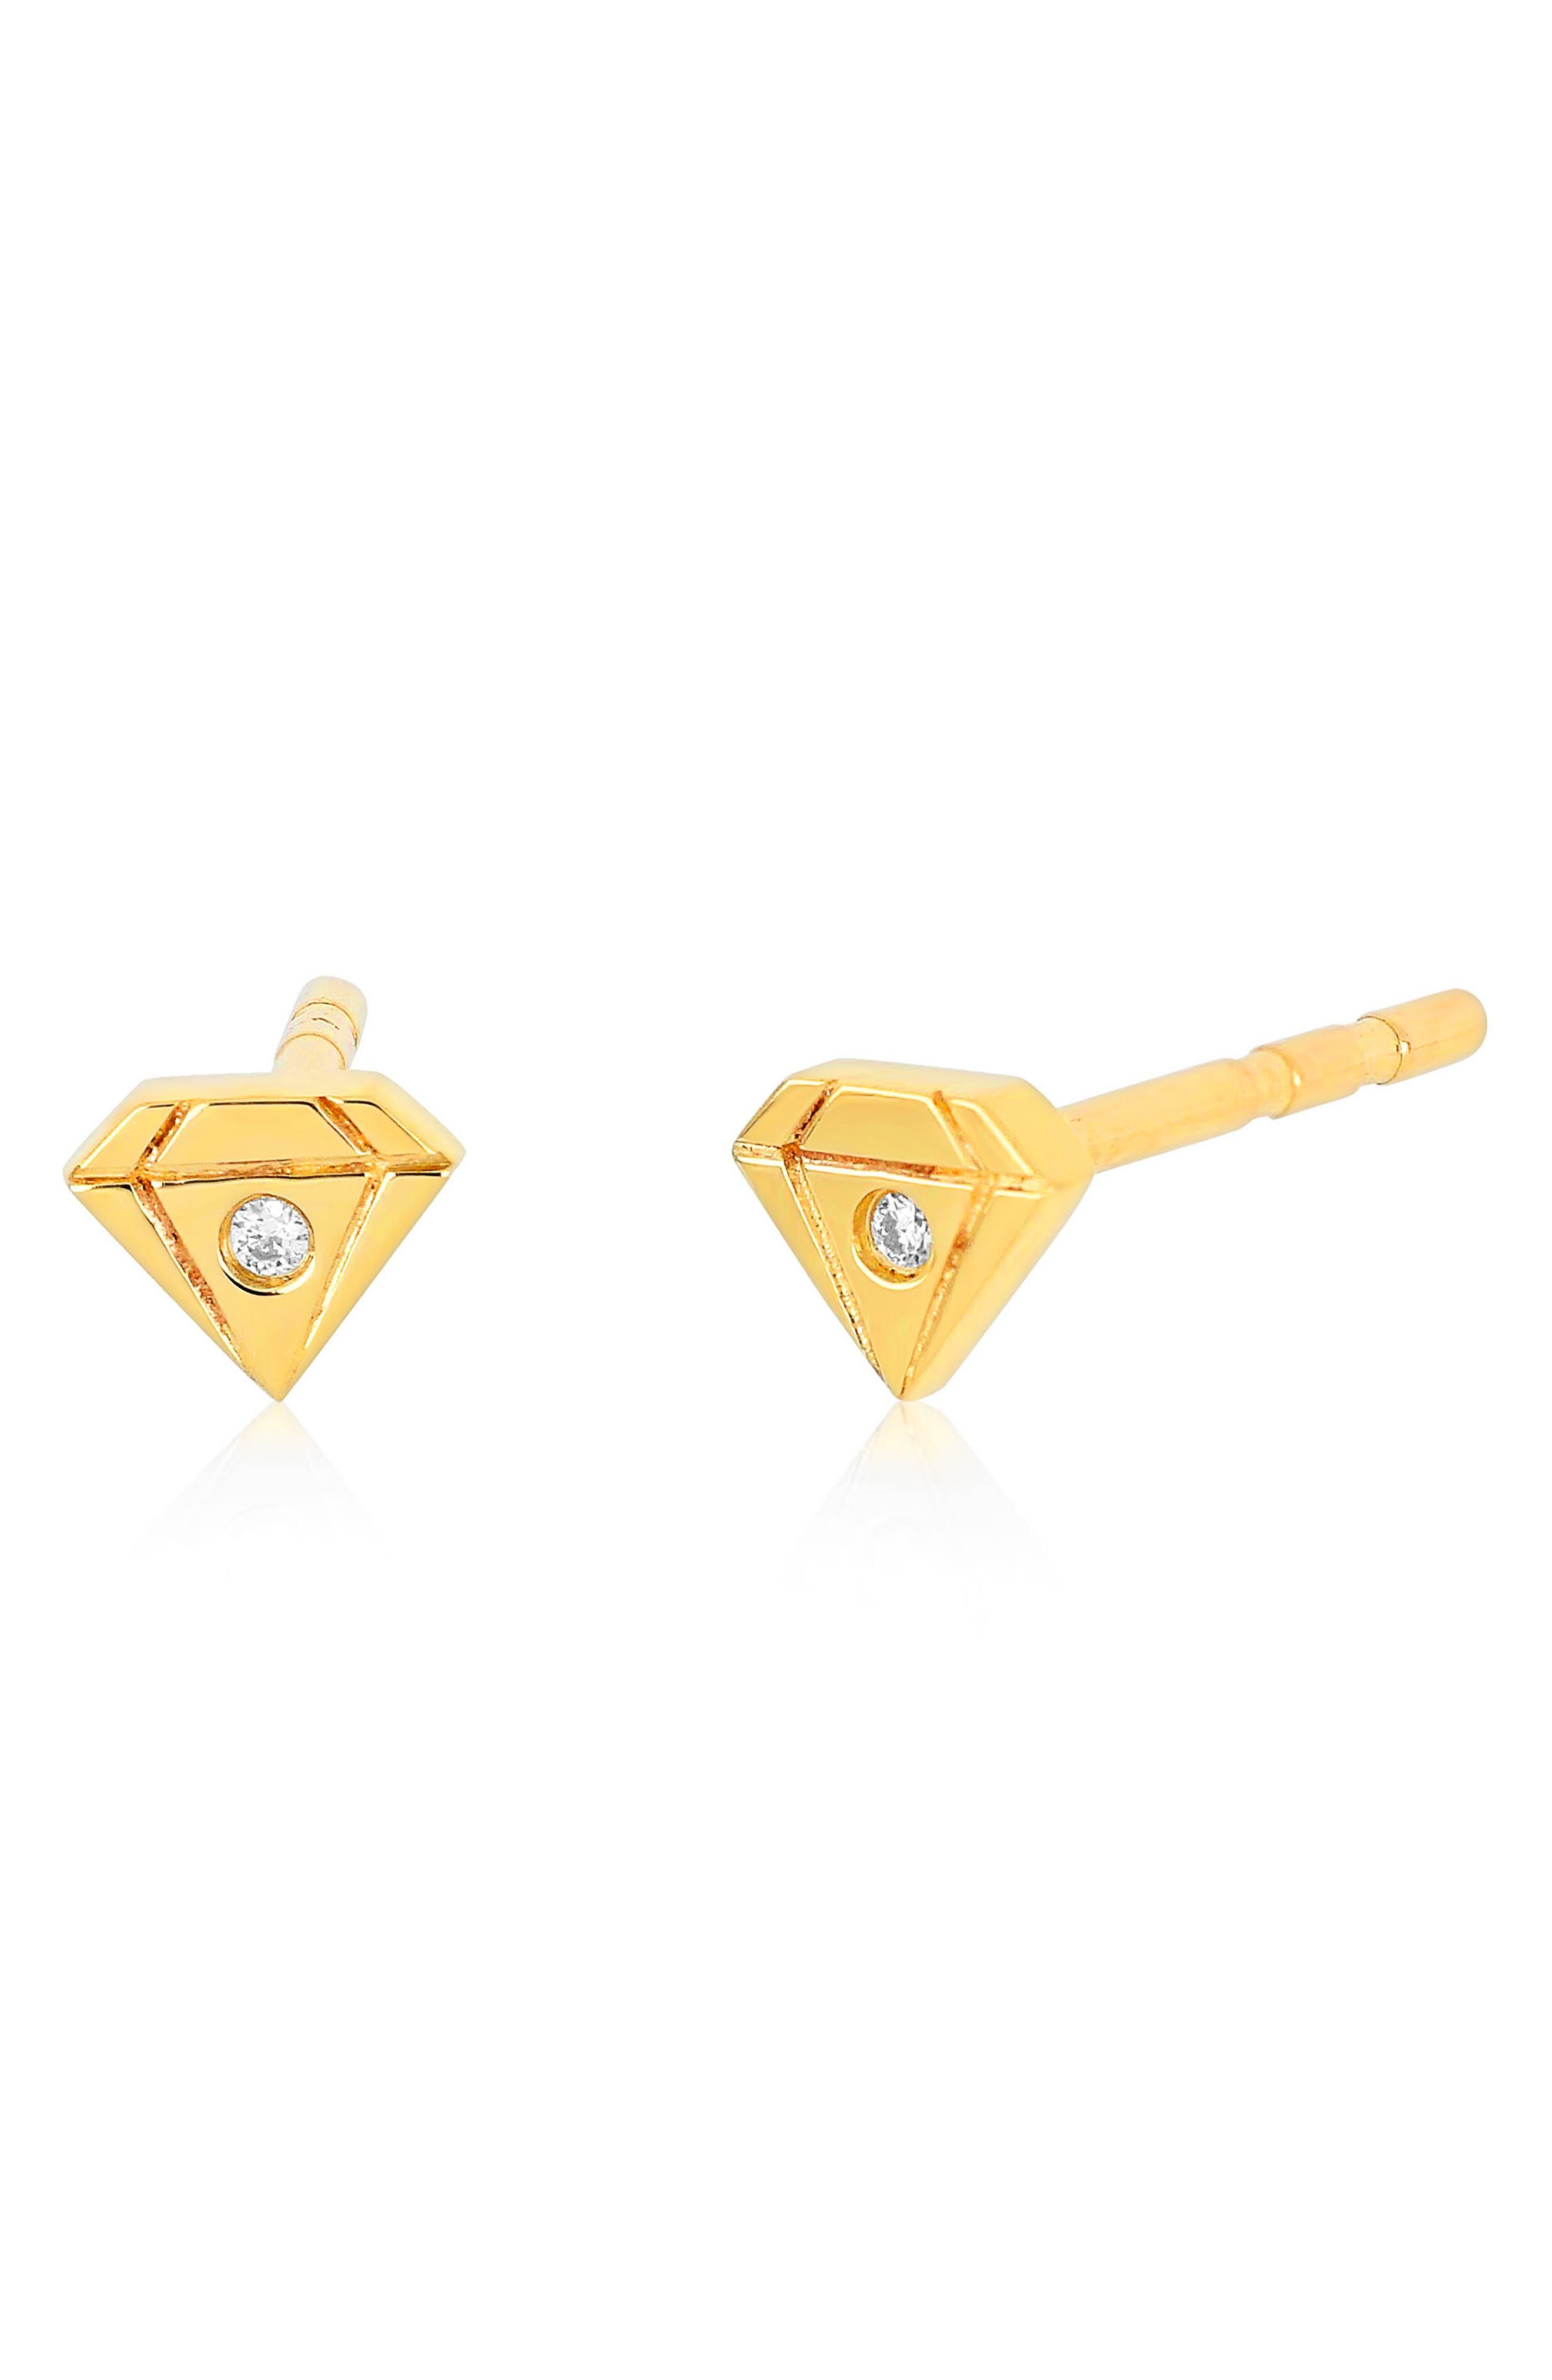 Single Diamond Stud Earring